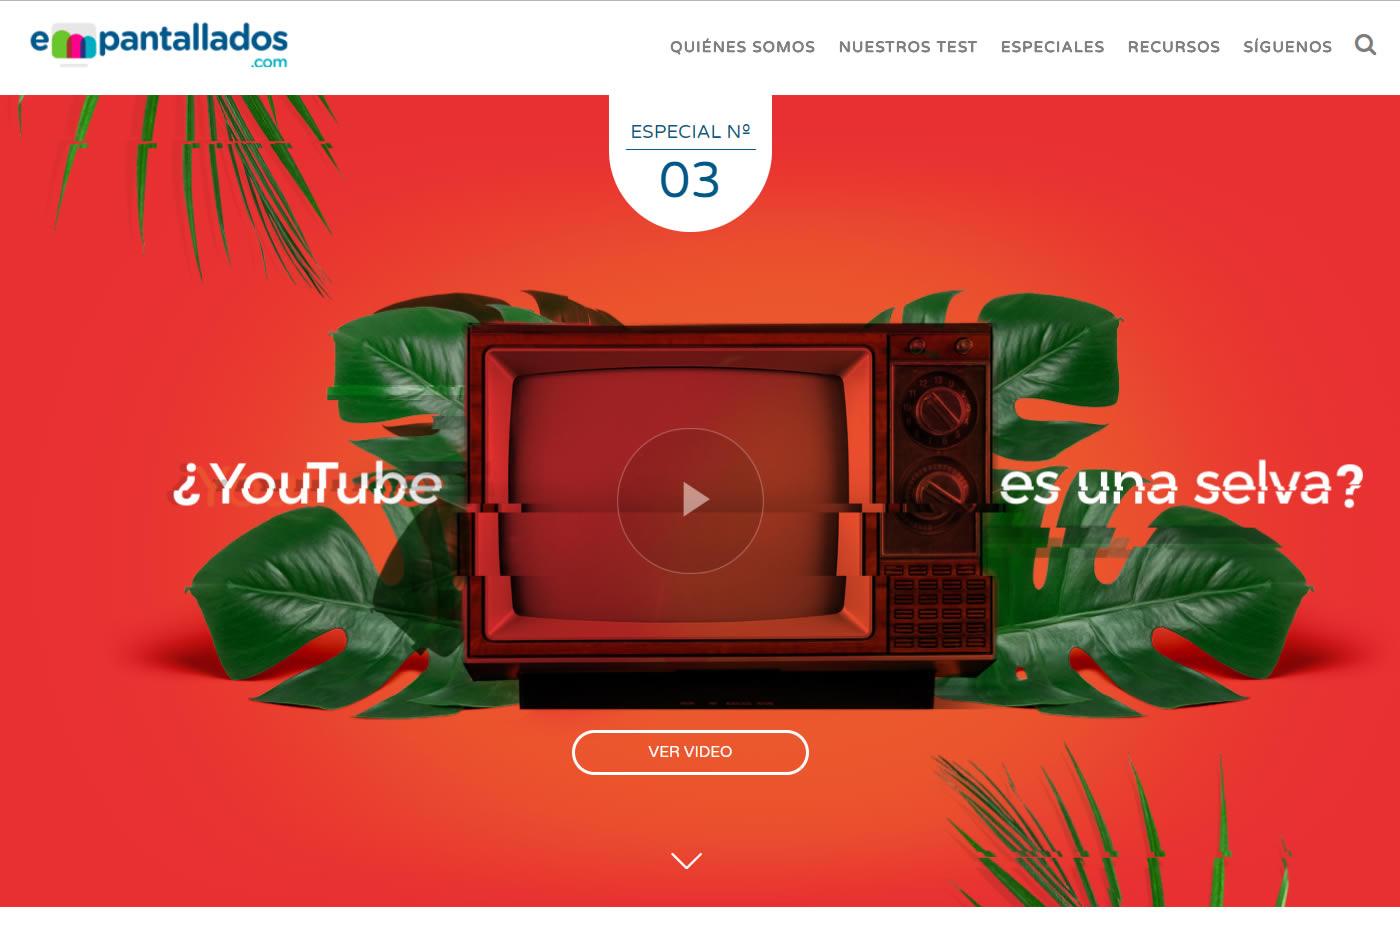 empantallados.com